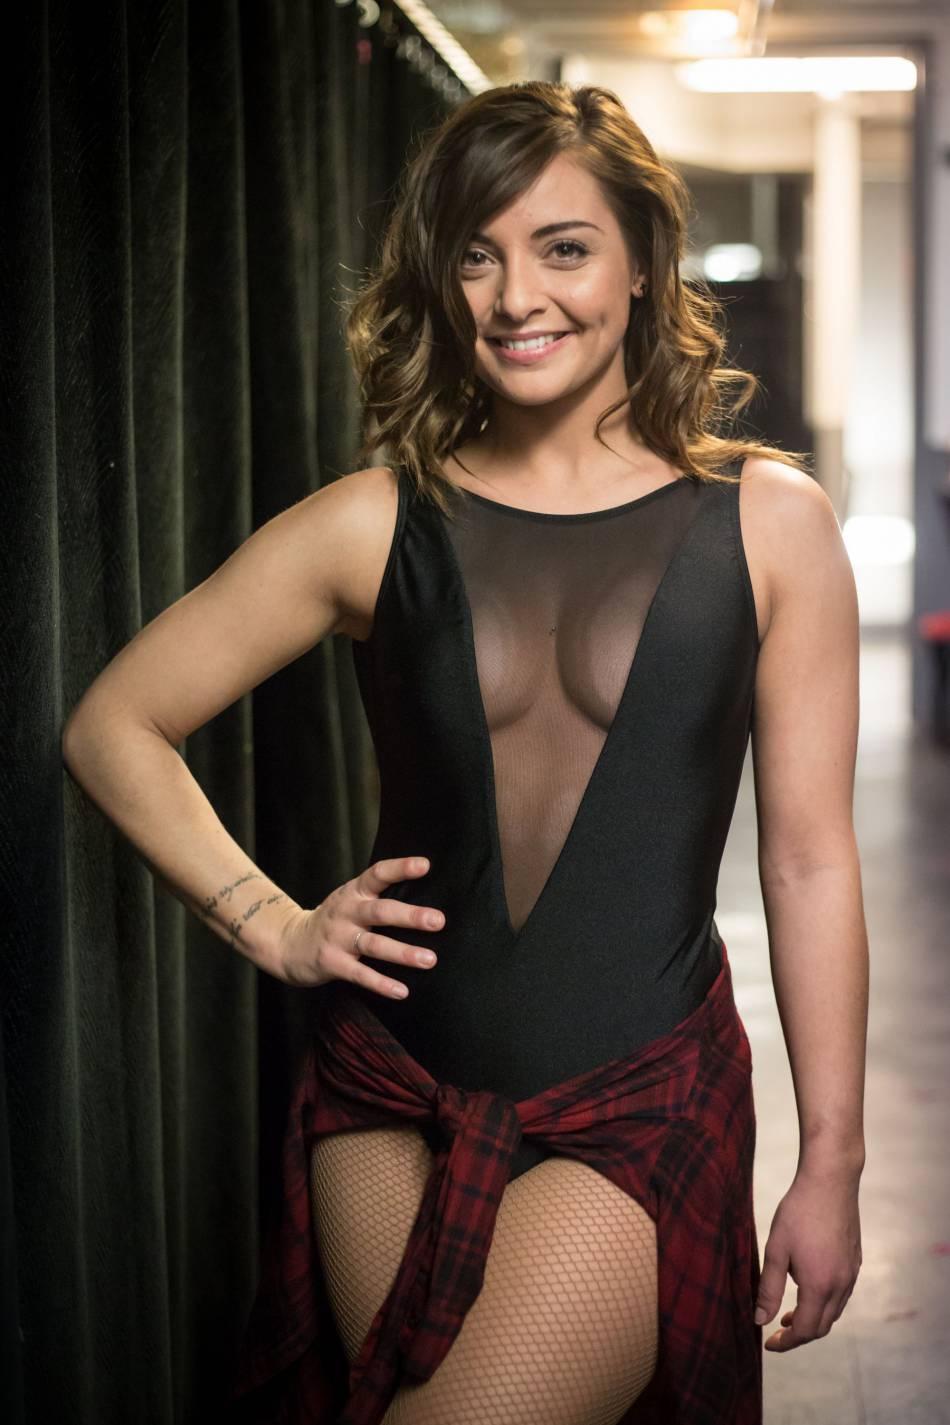 Aussie vagina defloration